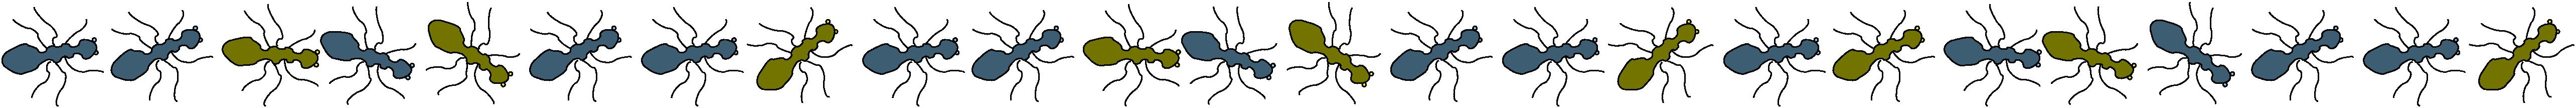 ant-line1